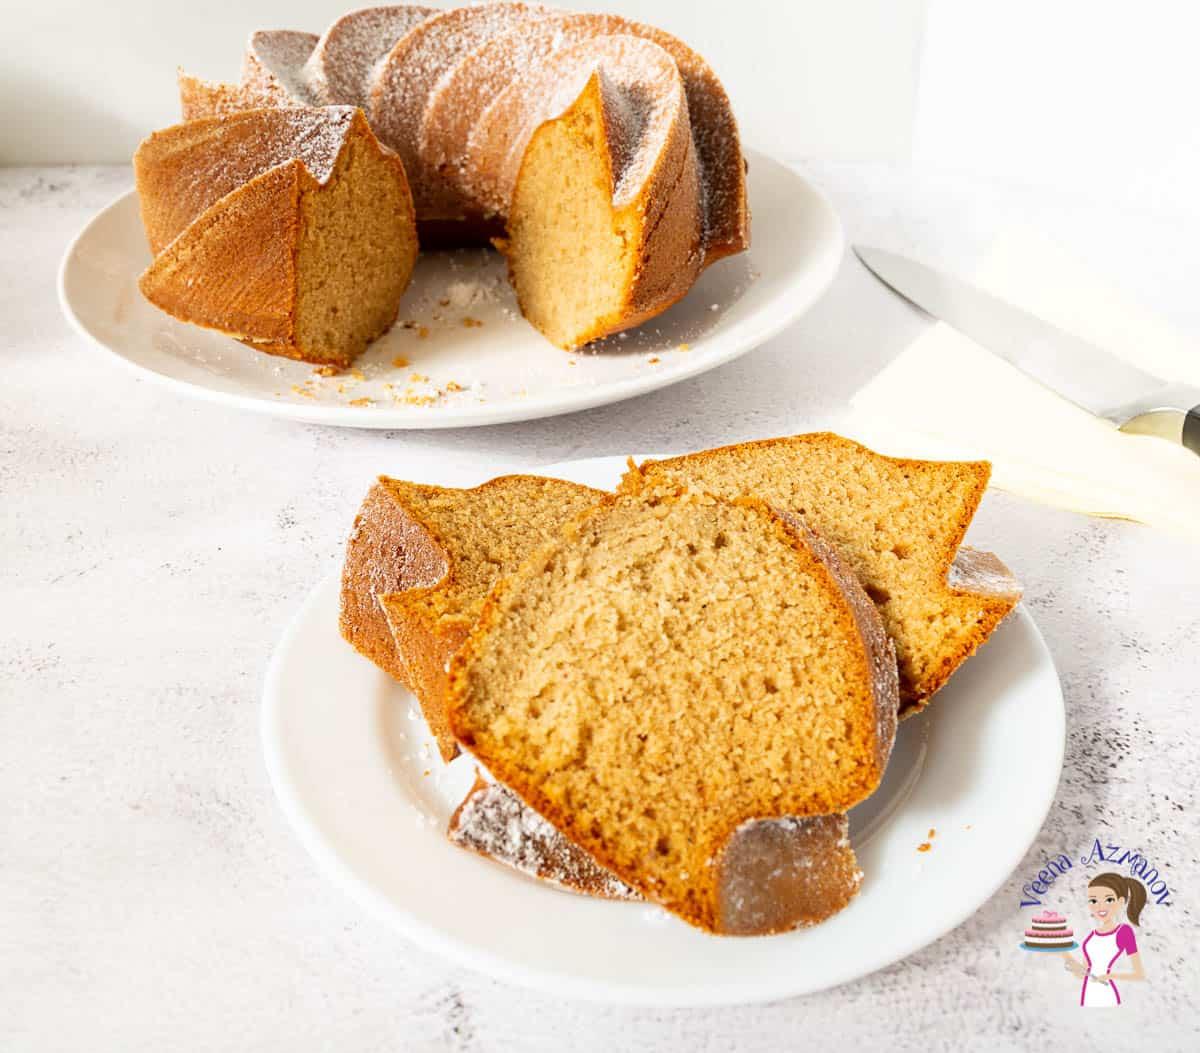 A slice of bundt cake on a plate.